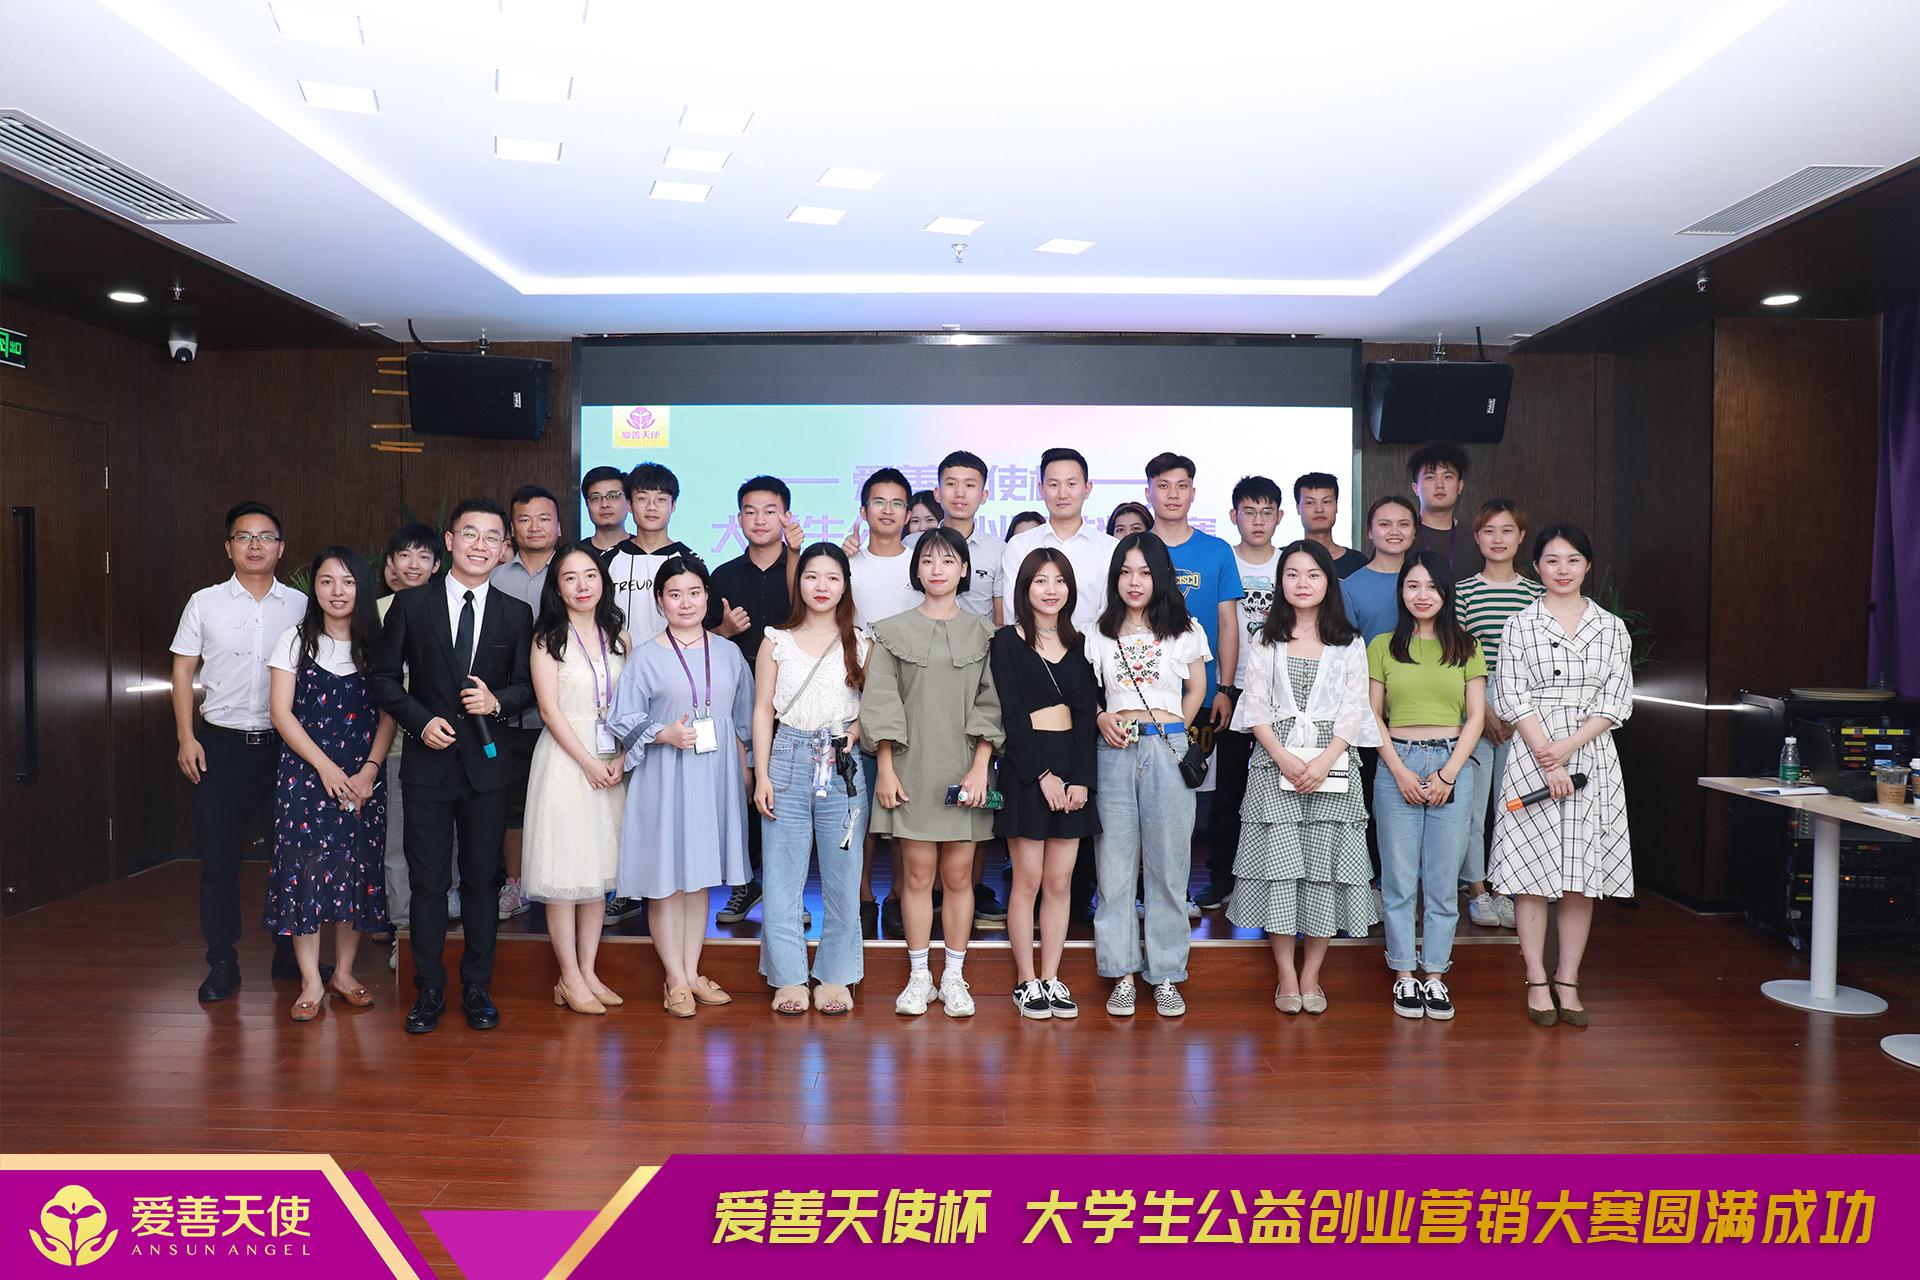 首届爱善天使杯大学生公益创业营销大赛圆满成功!